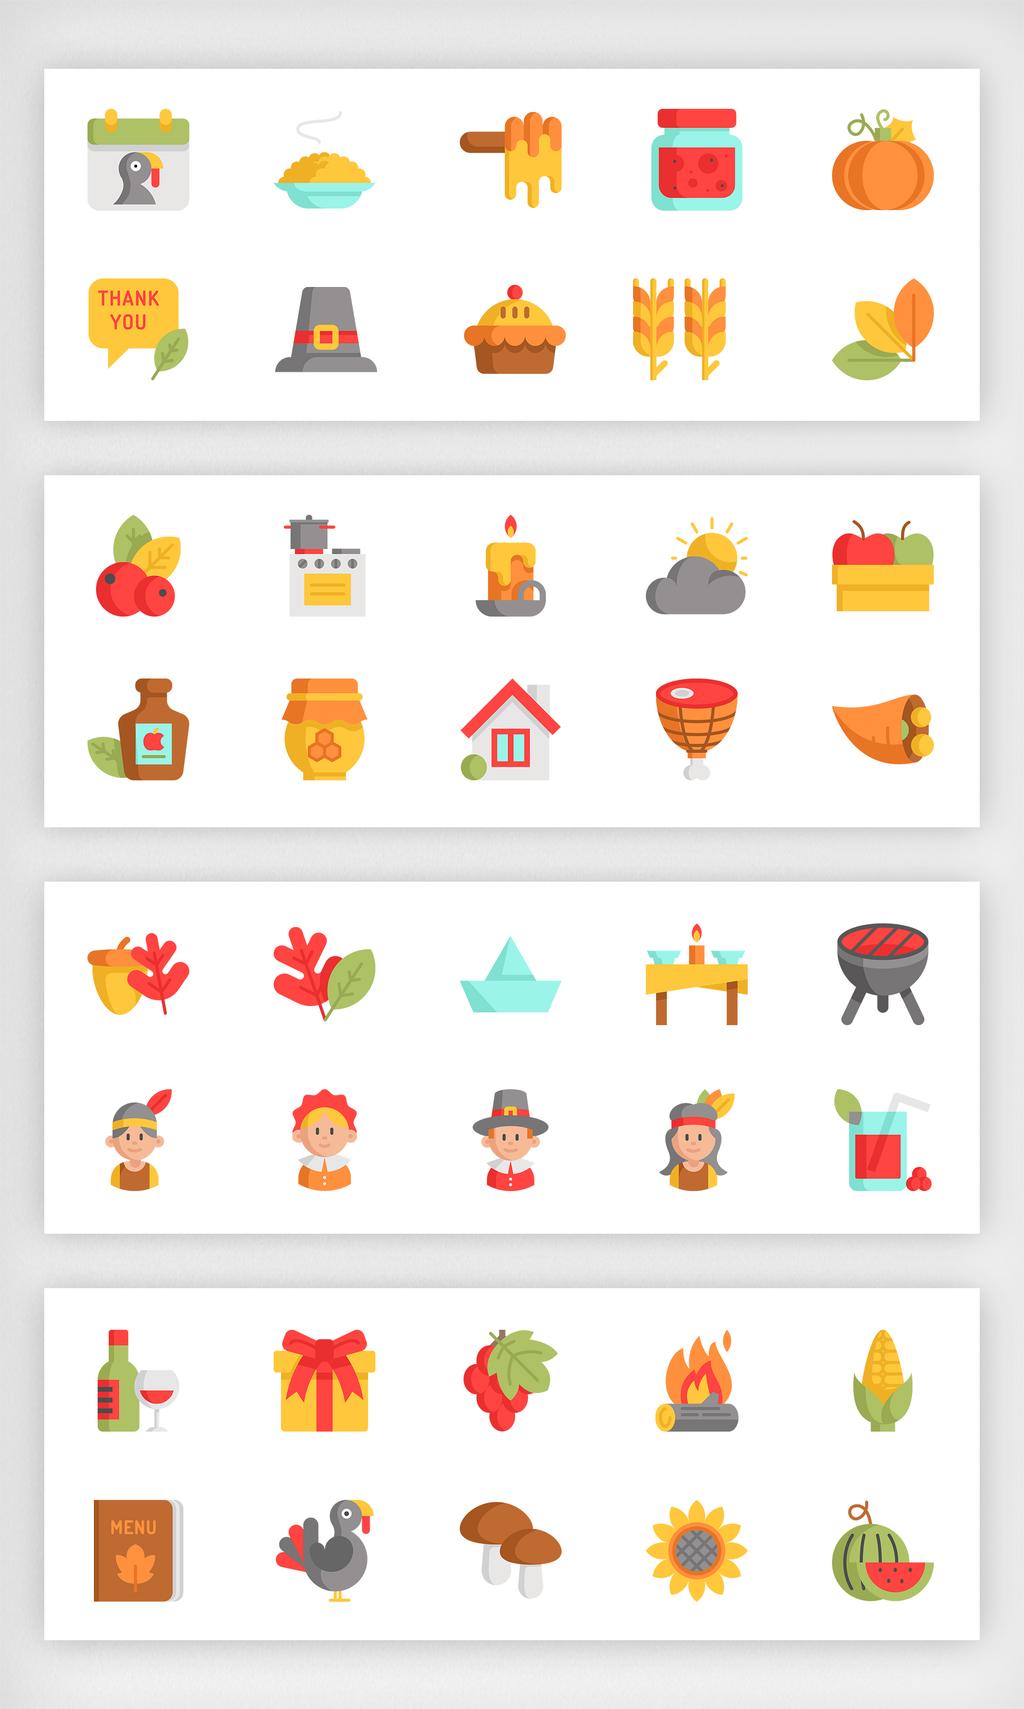 感恩节ui图标图片素材(ai格式)下载_节日图标大全_-我